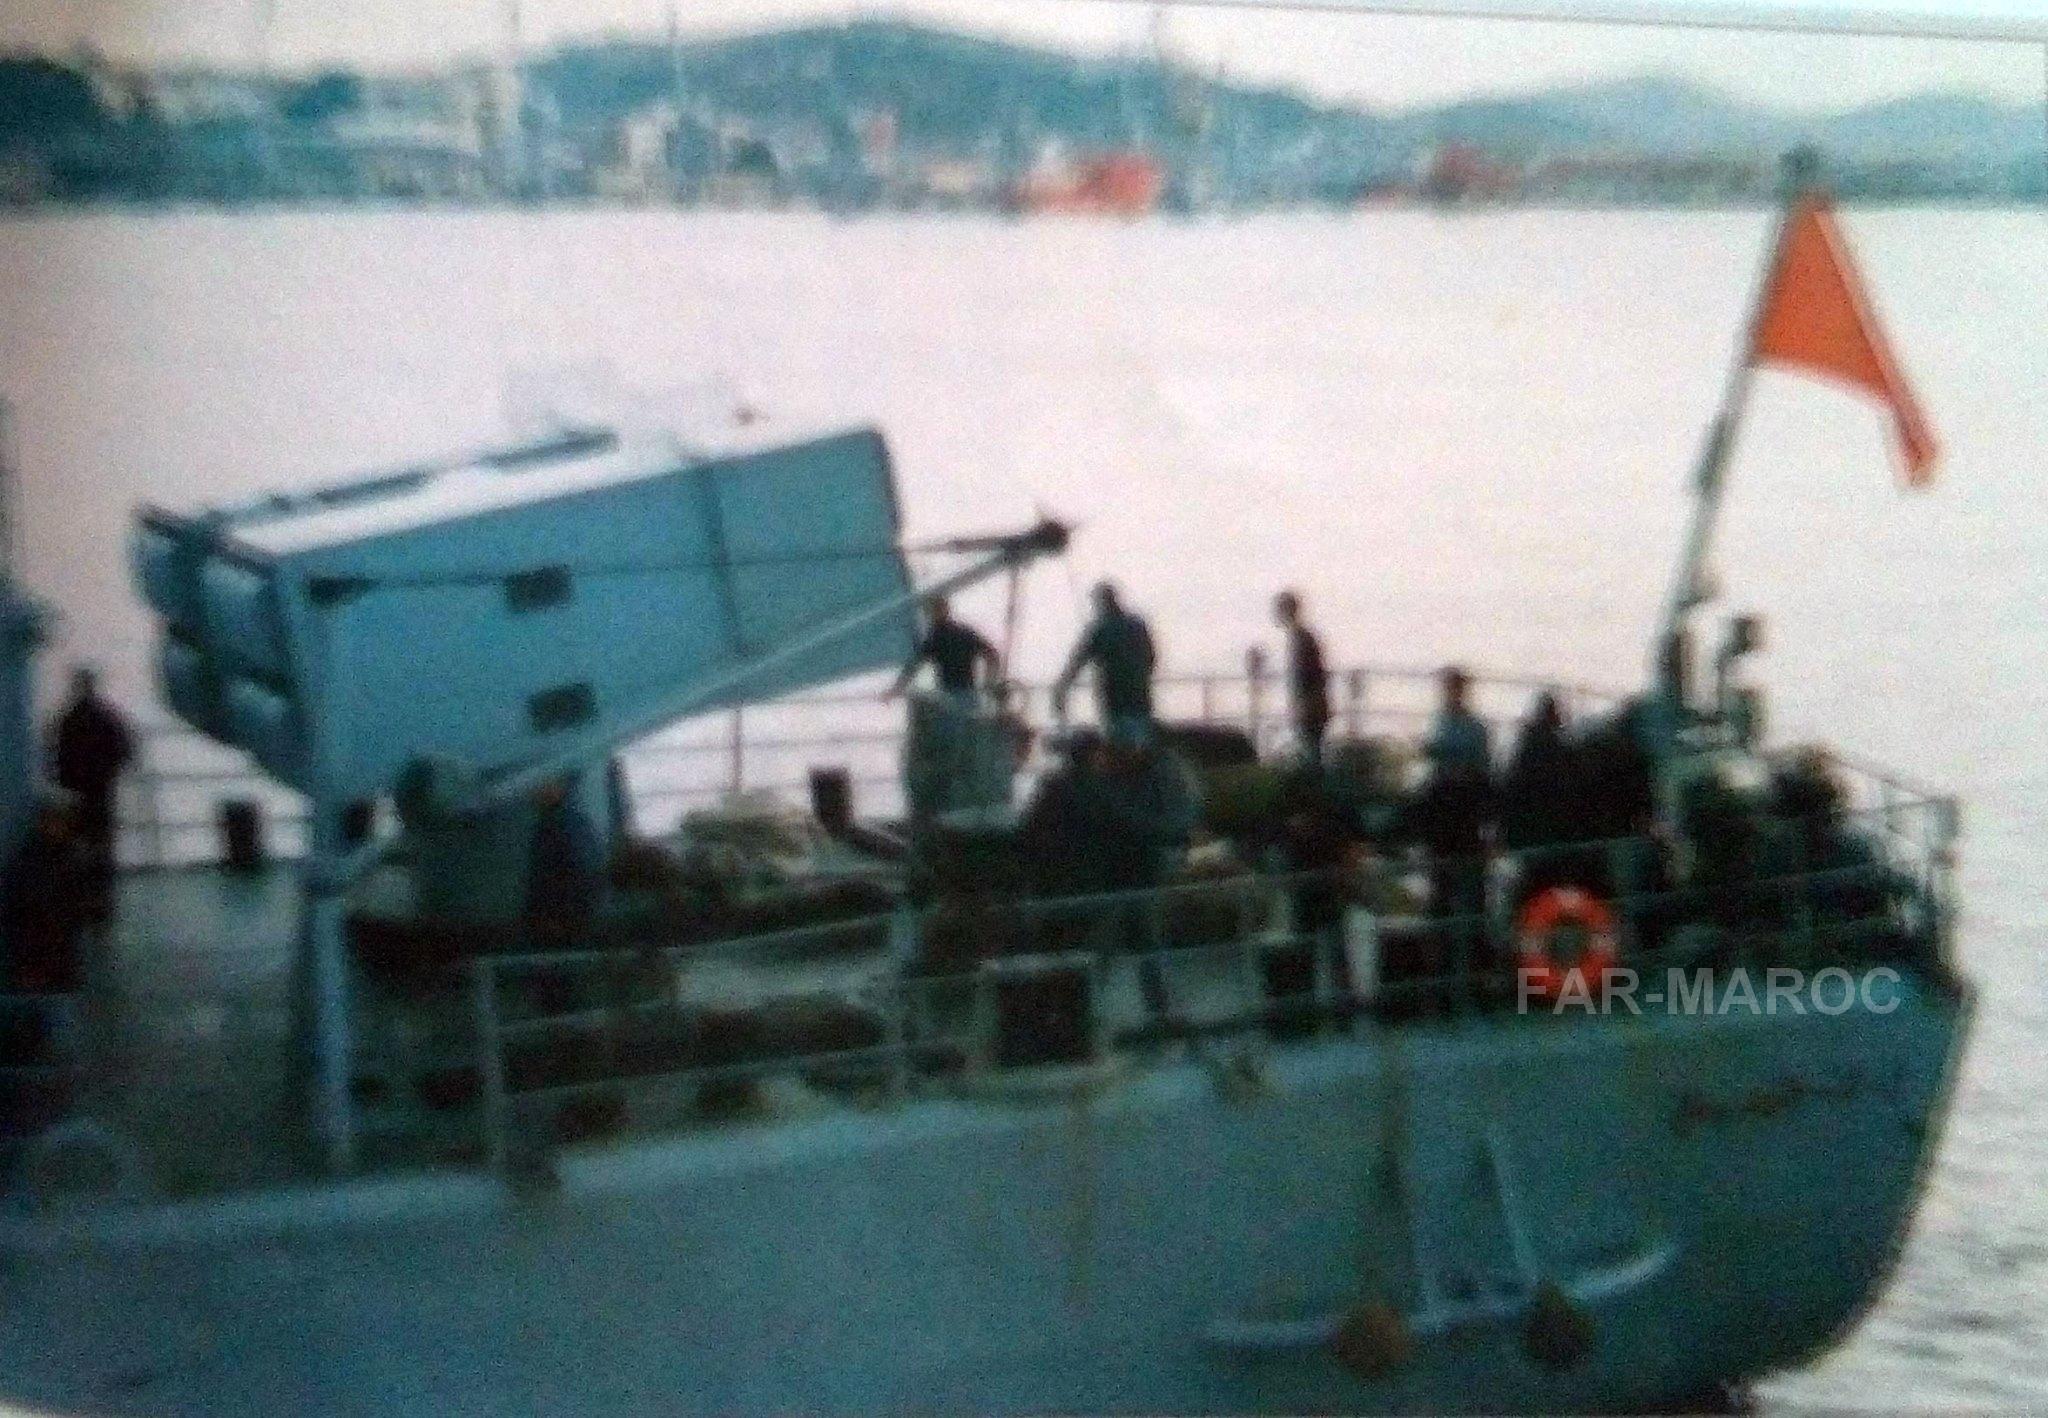 Royal Moroccan Navy Descubierta Frigate / Patrouilleur Océanique Lt Cl Errahmani - Bâtiment École - Page 4 49272776973_5ab3840b35_o